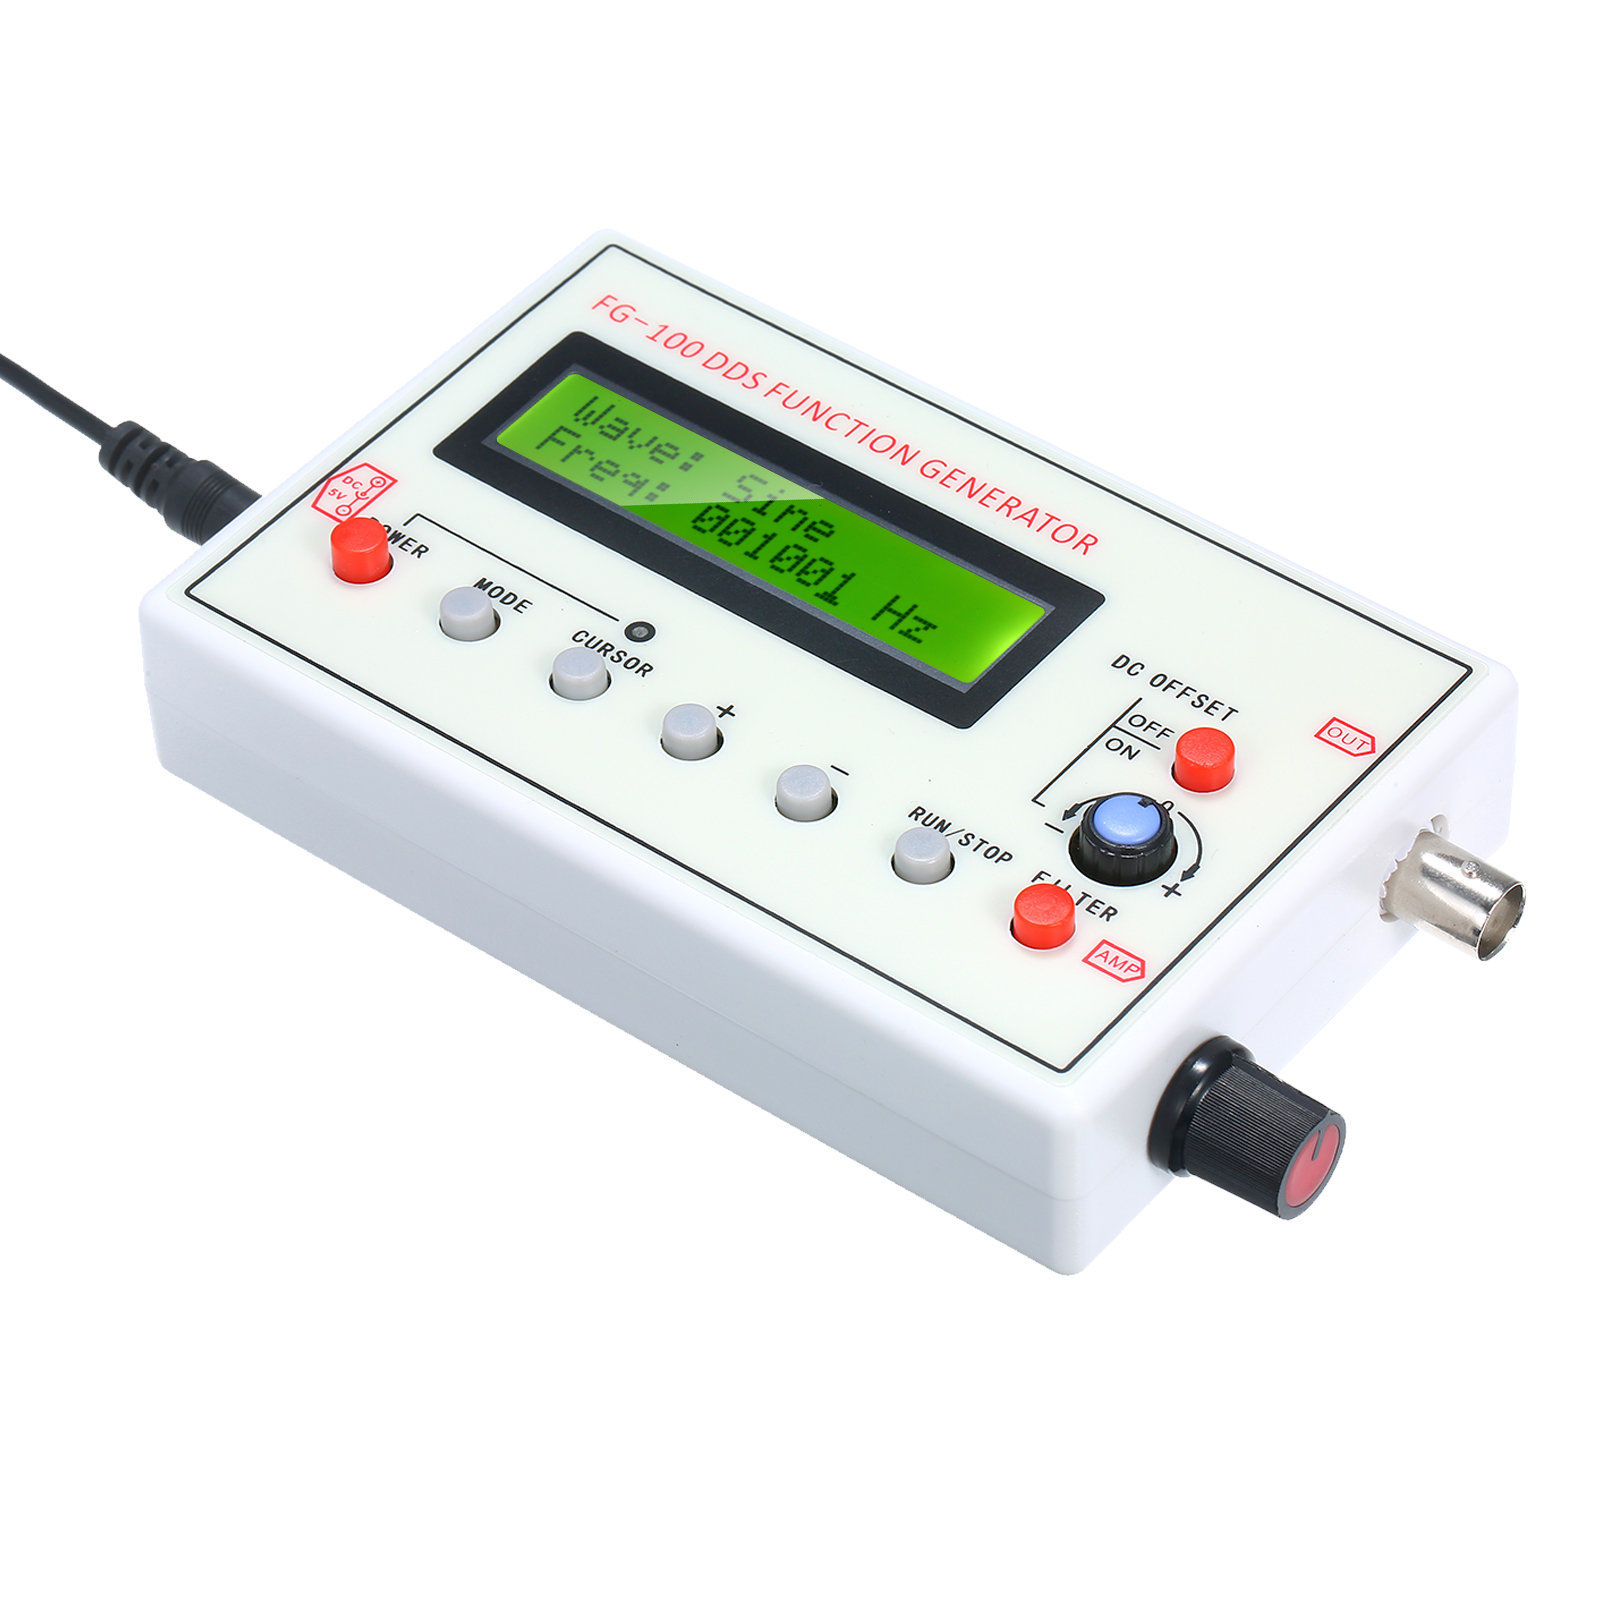 1HZ-500 кГц FG-100 DDS генератор сигналов синусоидальной ЭКГ Шум Выход частотомер источника сигнала модуль счетчик частоты